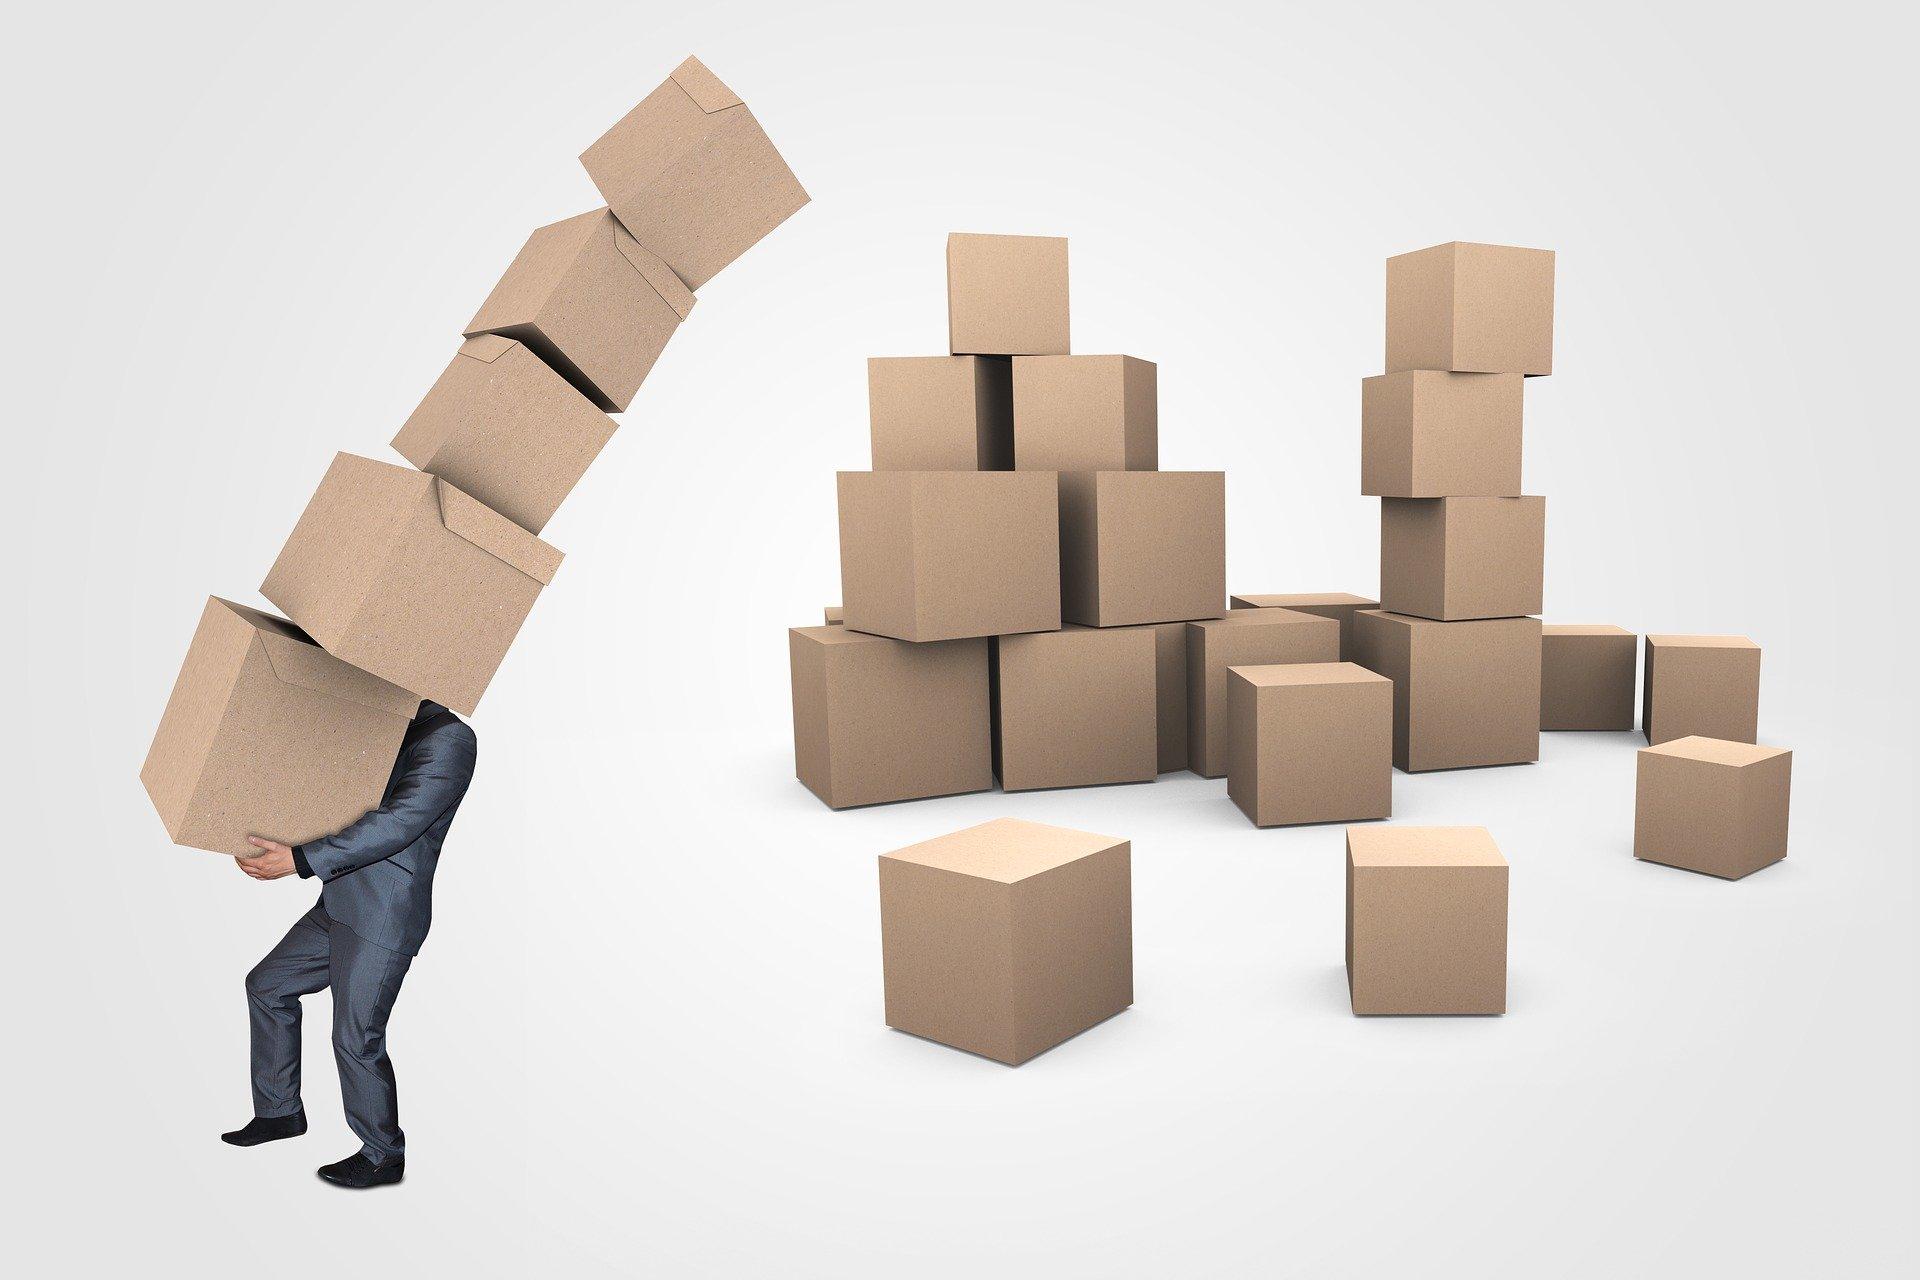 Comment réussir votre déménagement à moindre coût ?